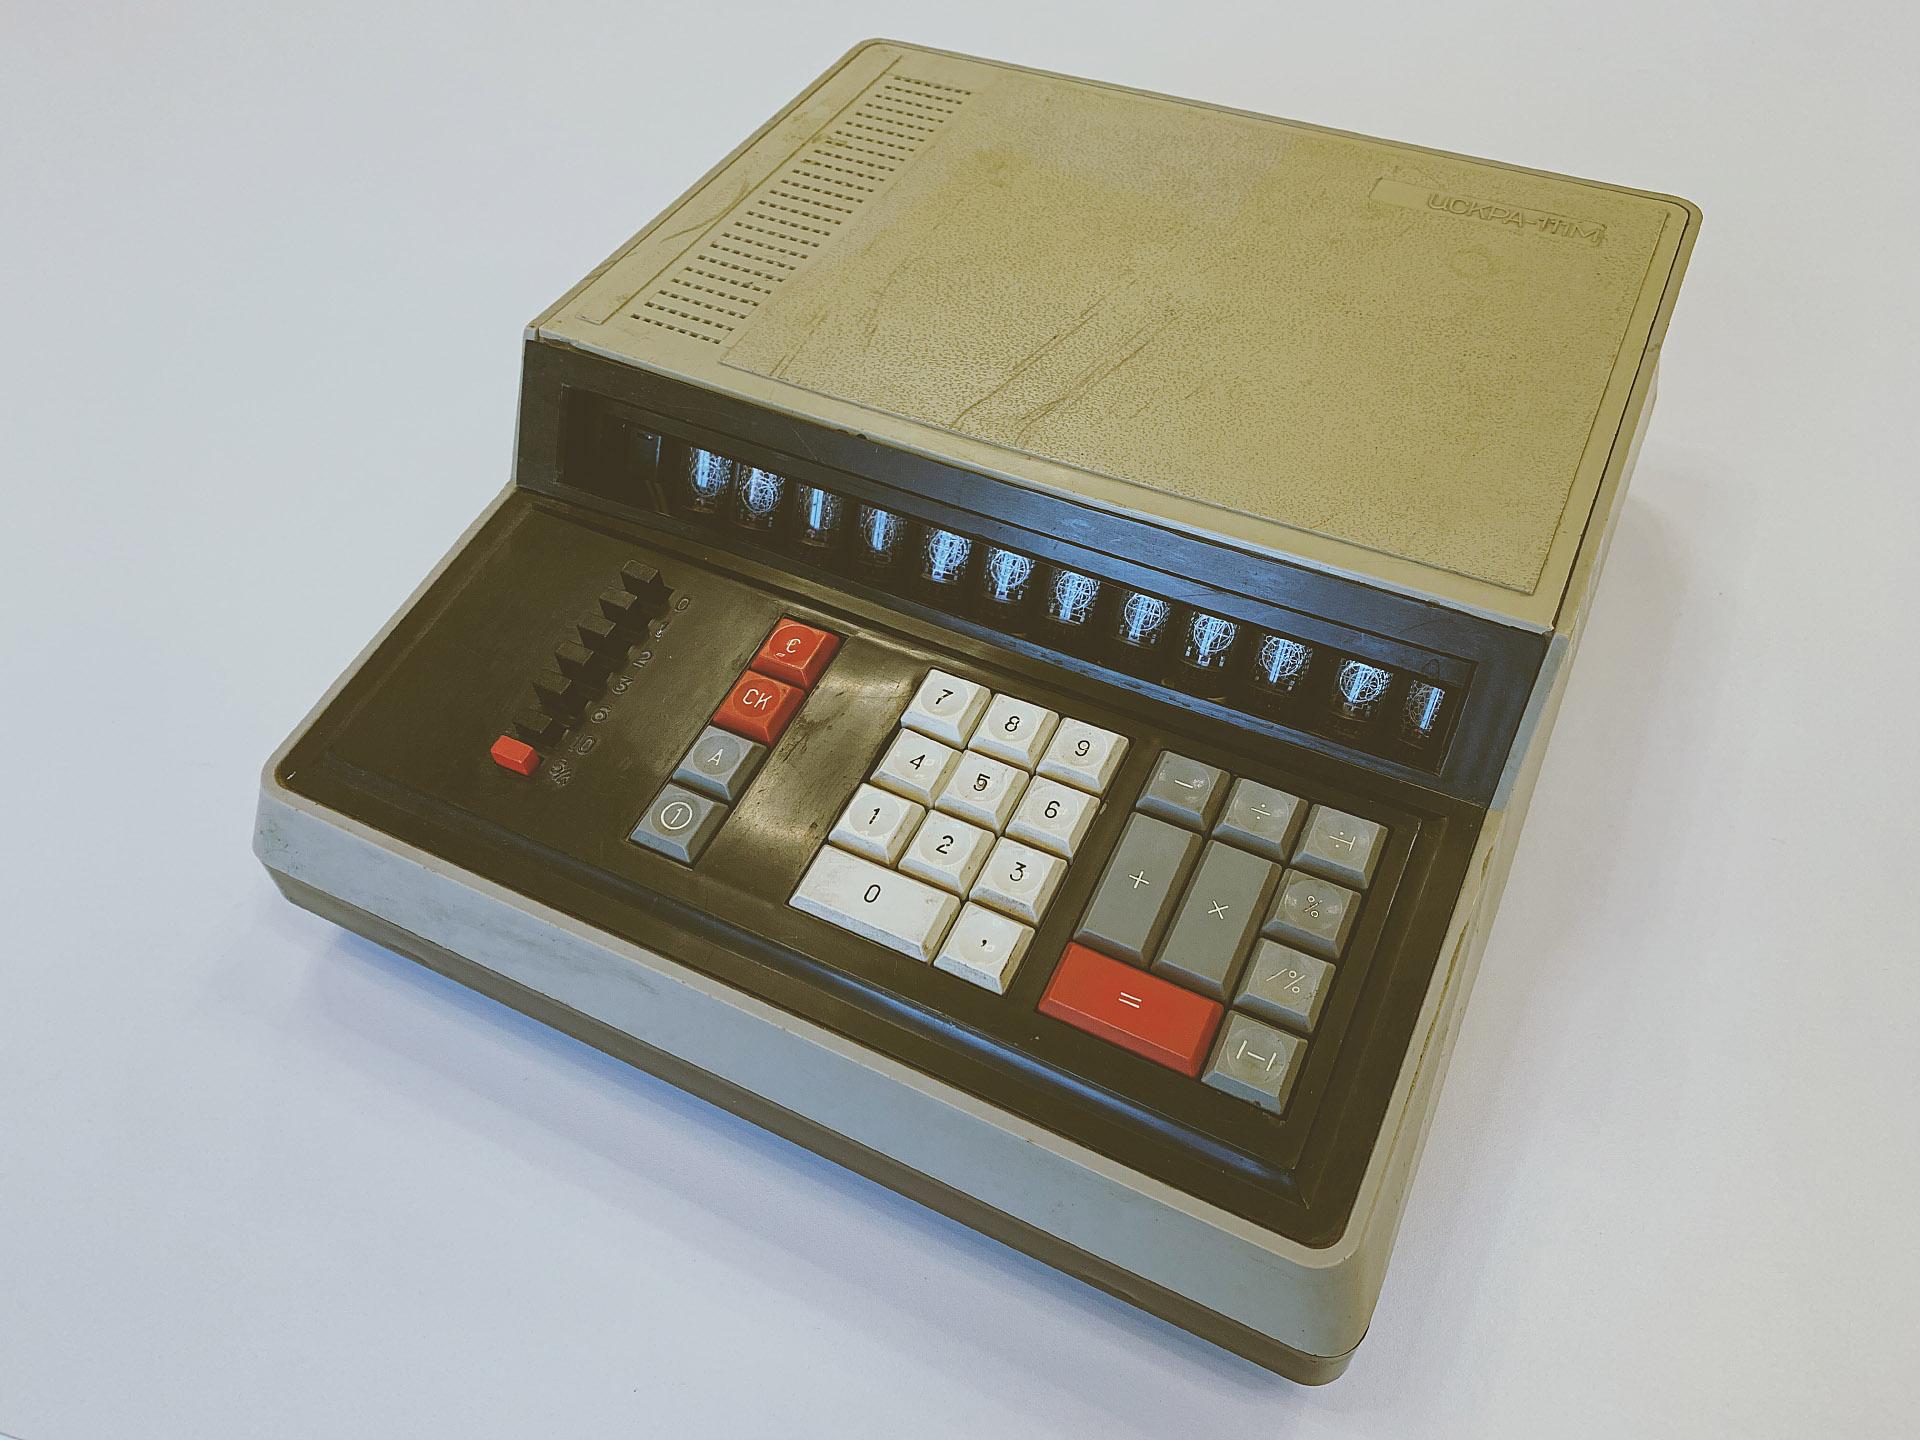 Музей DataArt. Человек-машина: настольная вычислительная техника до микрокалькуляторов